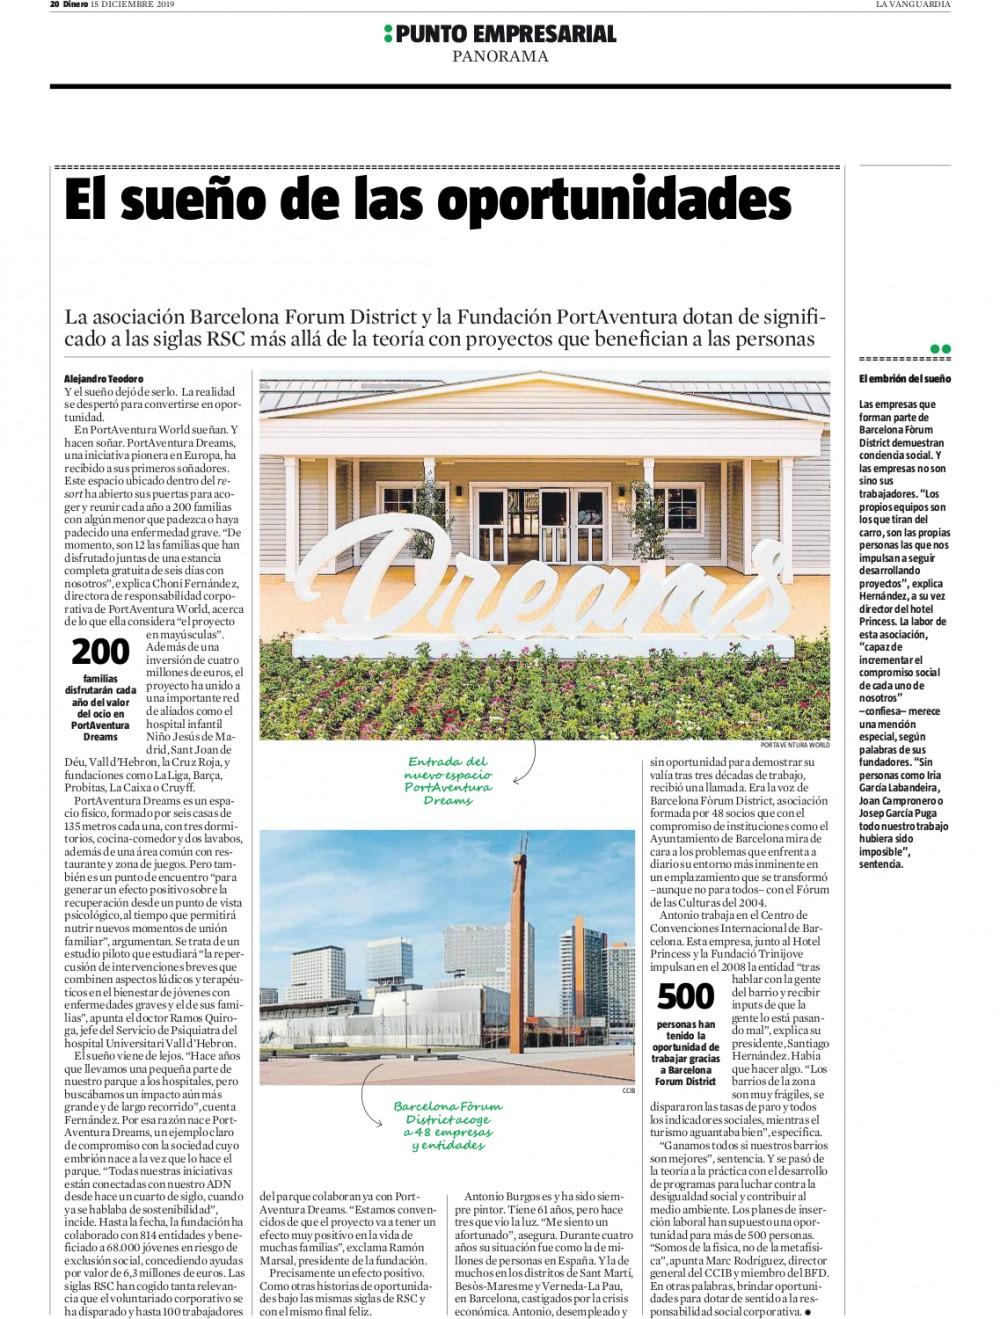 La Vanguardia – El sueño de las oportunidades